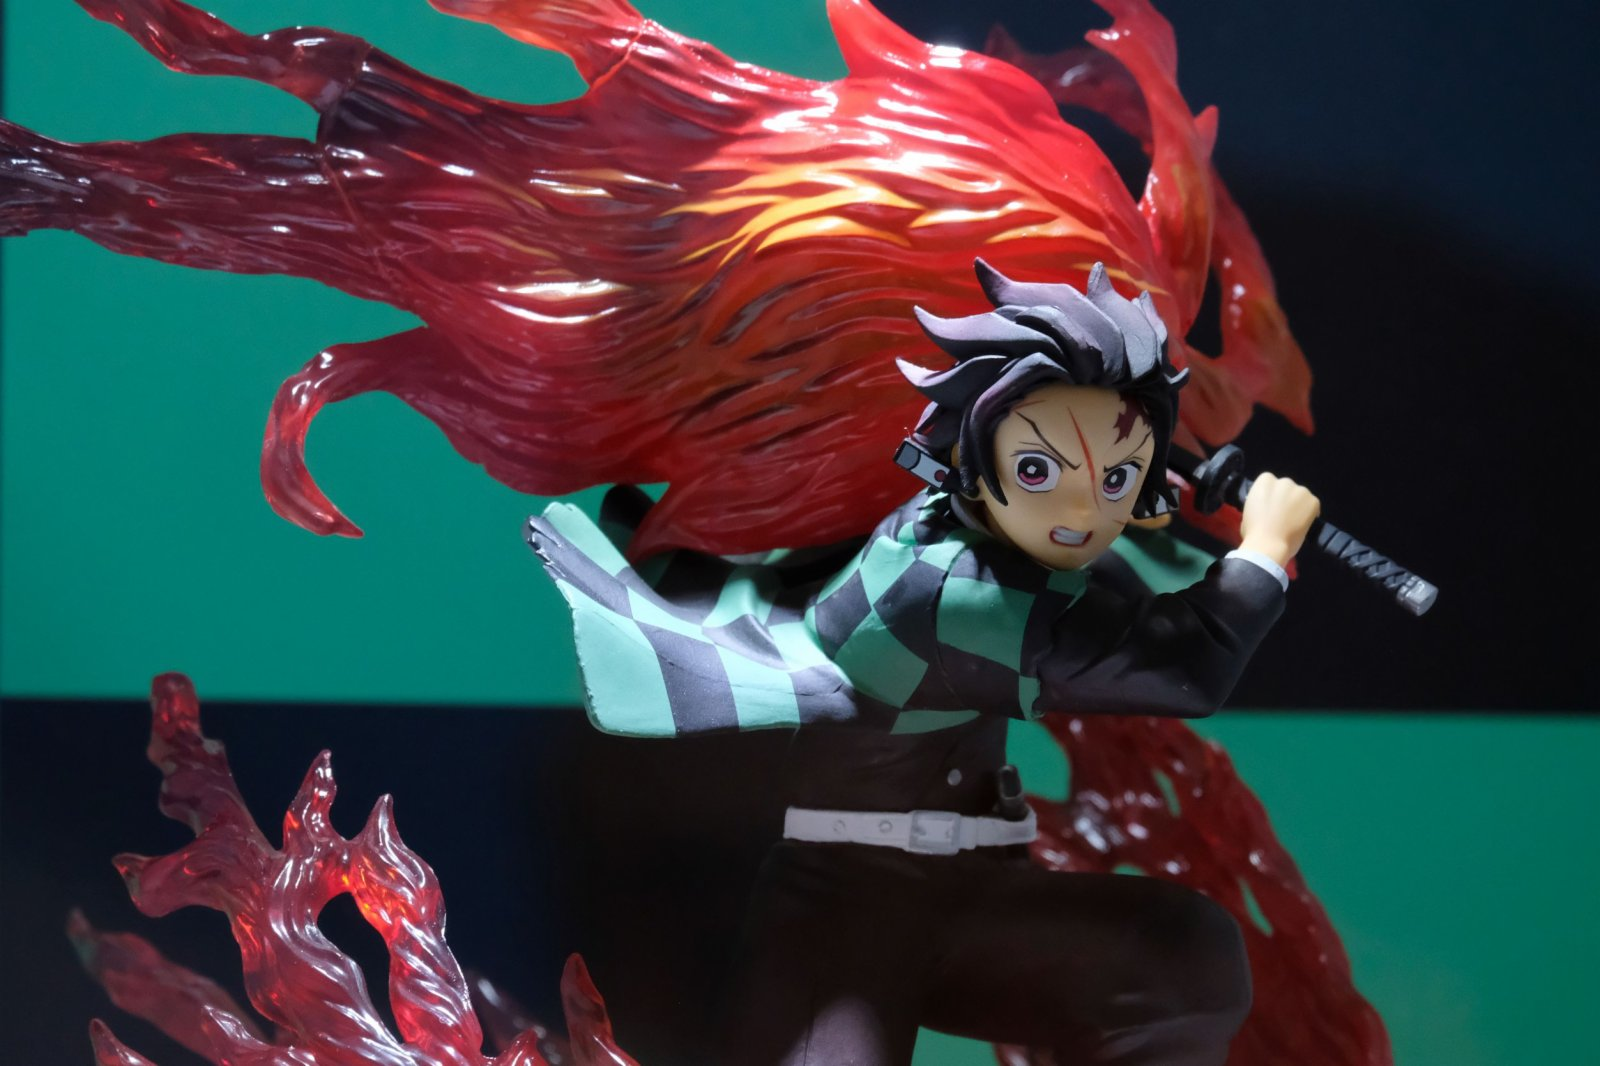 《鬼滅之刃》男主角炭治郎Figure。